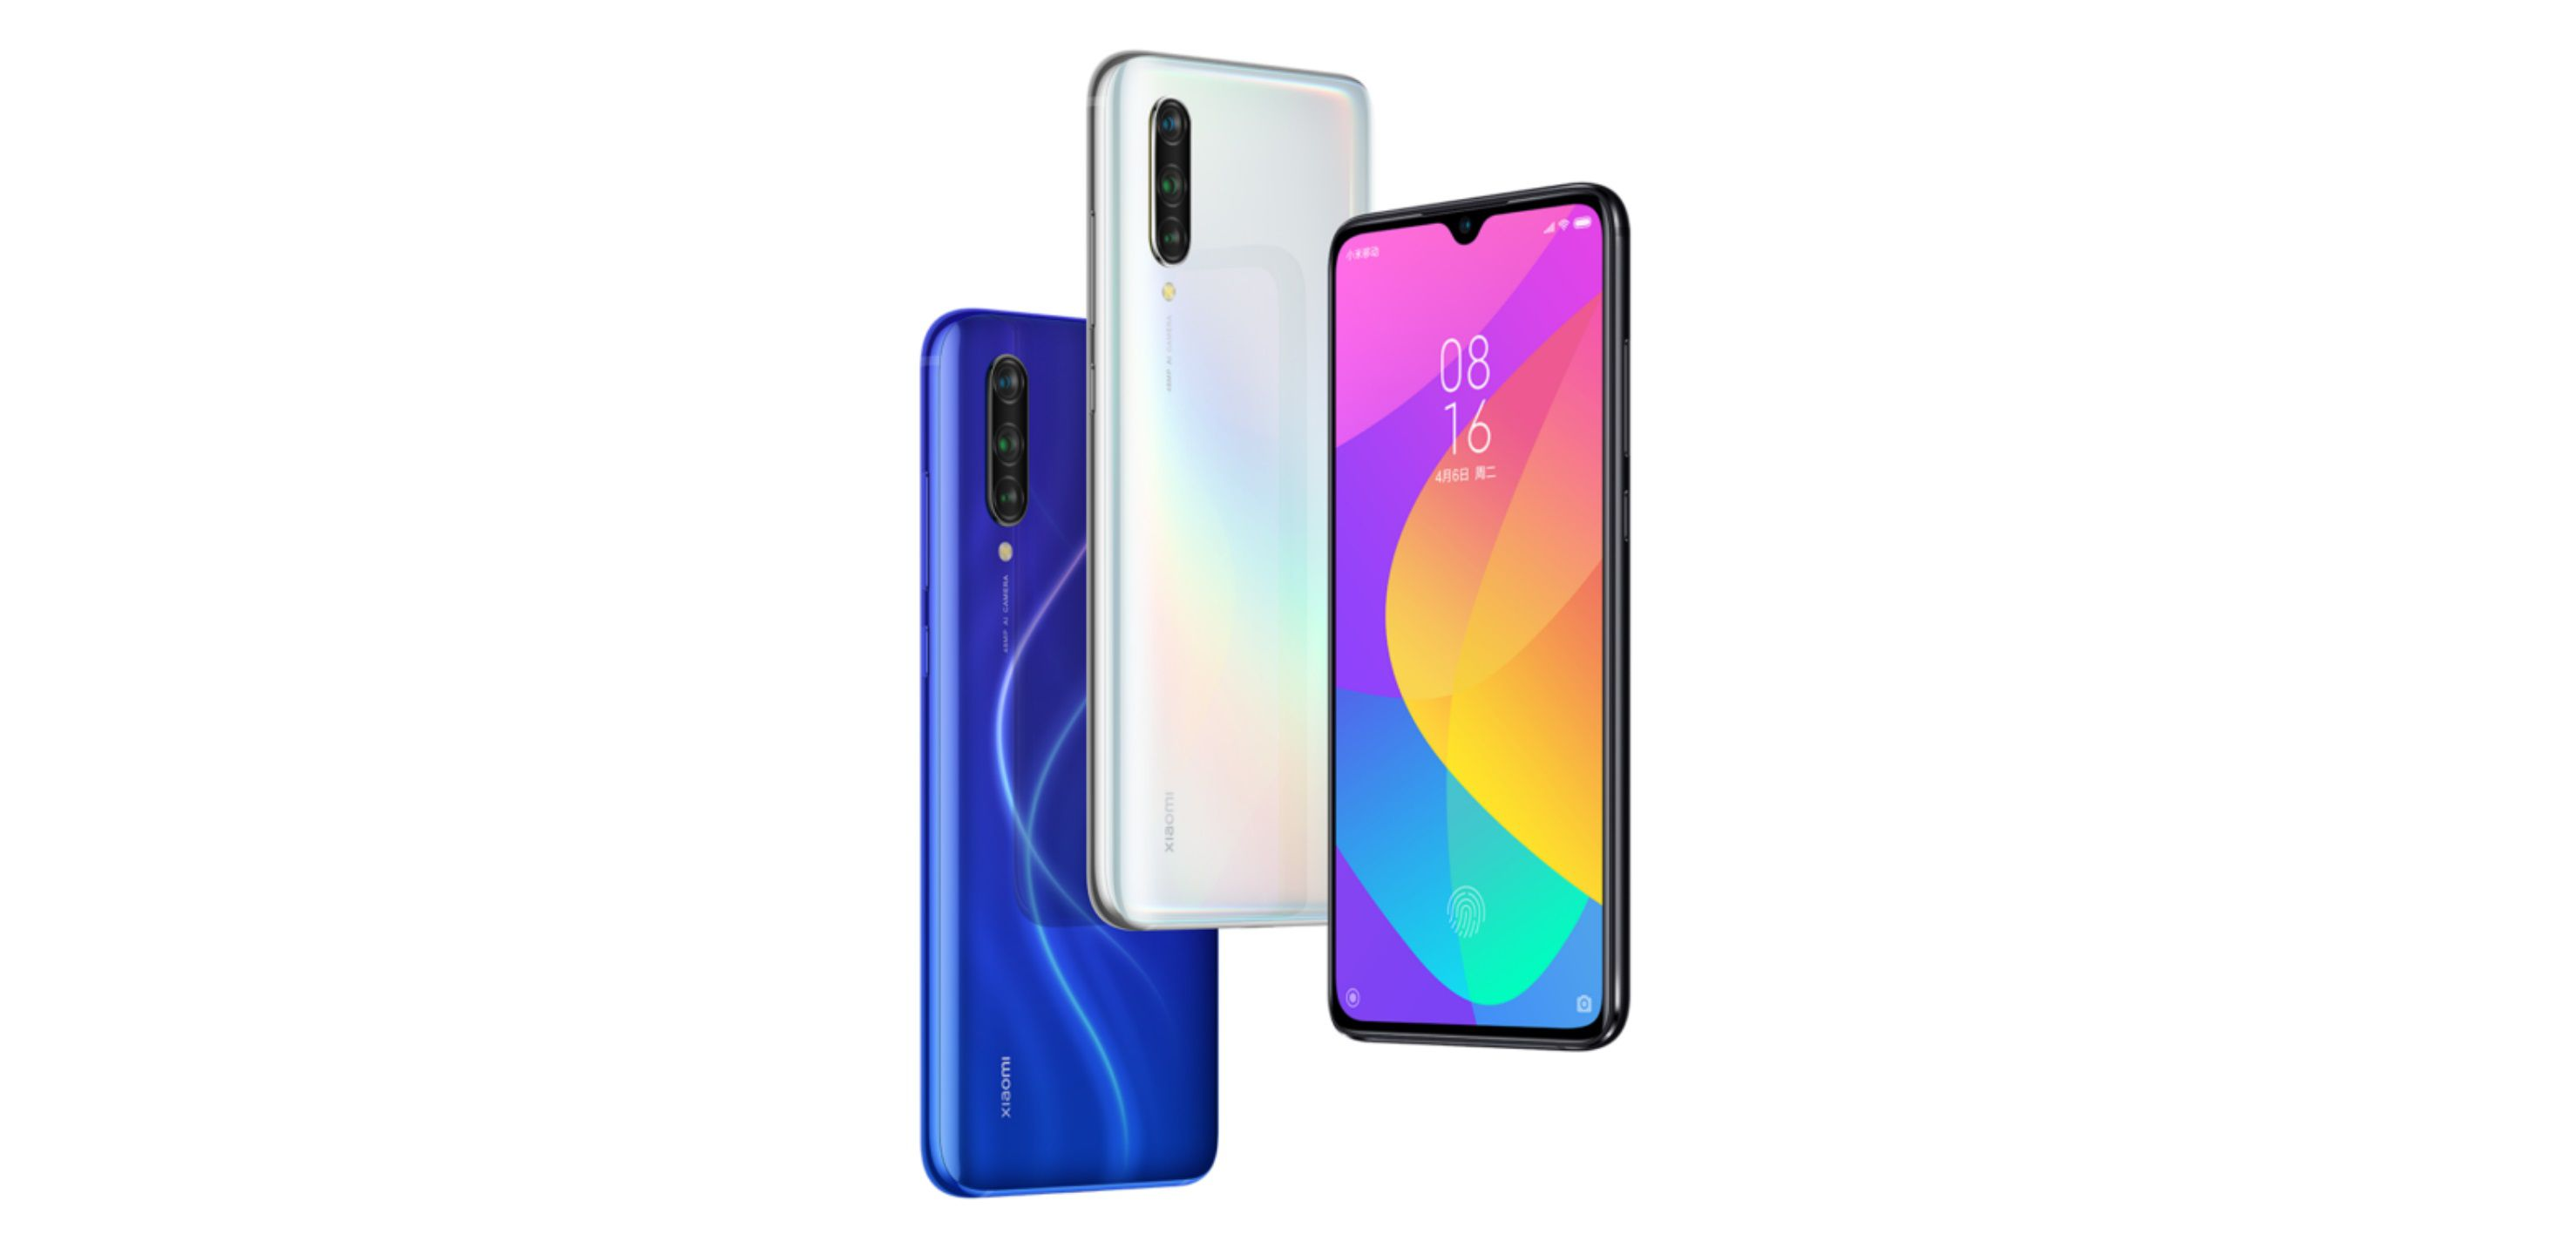 Lo Xiaomi Mi 9 Lite può già essere acquistato in preordine, ma non è ancora stato presentato ufficialmente!